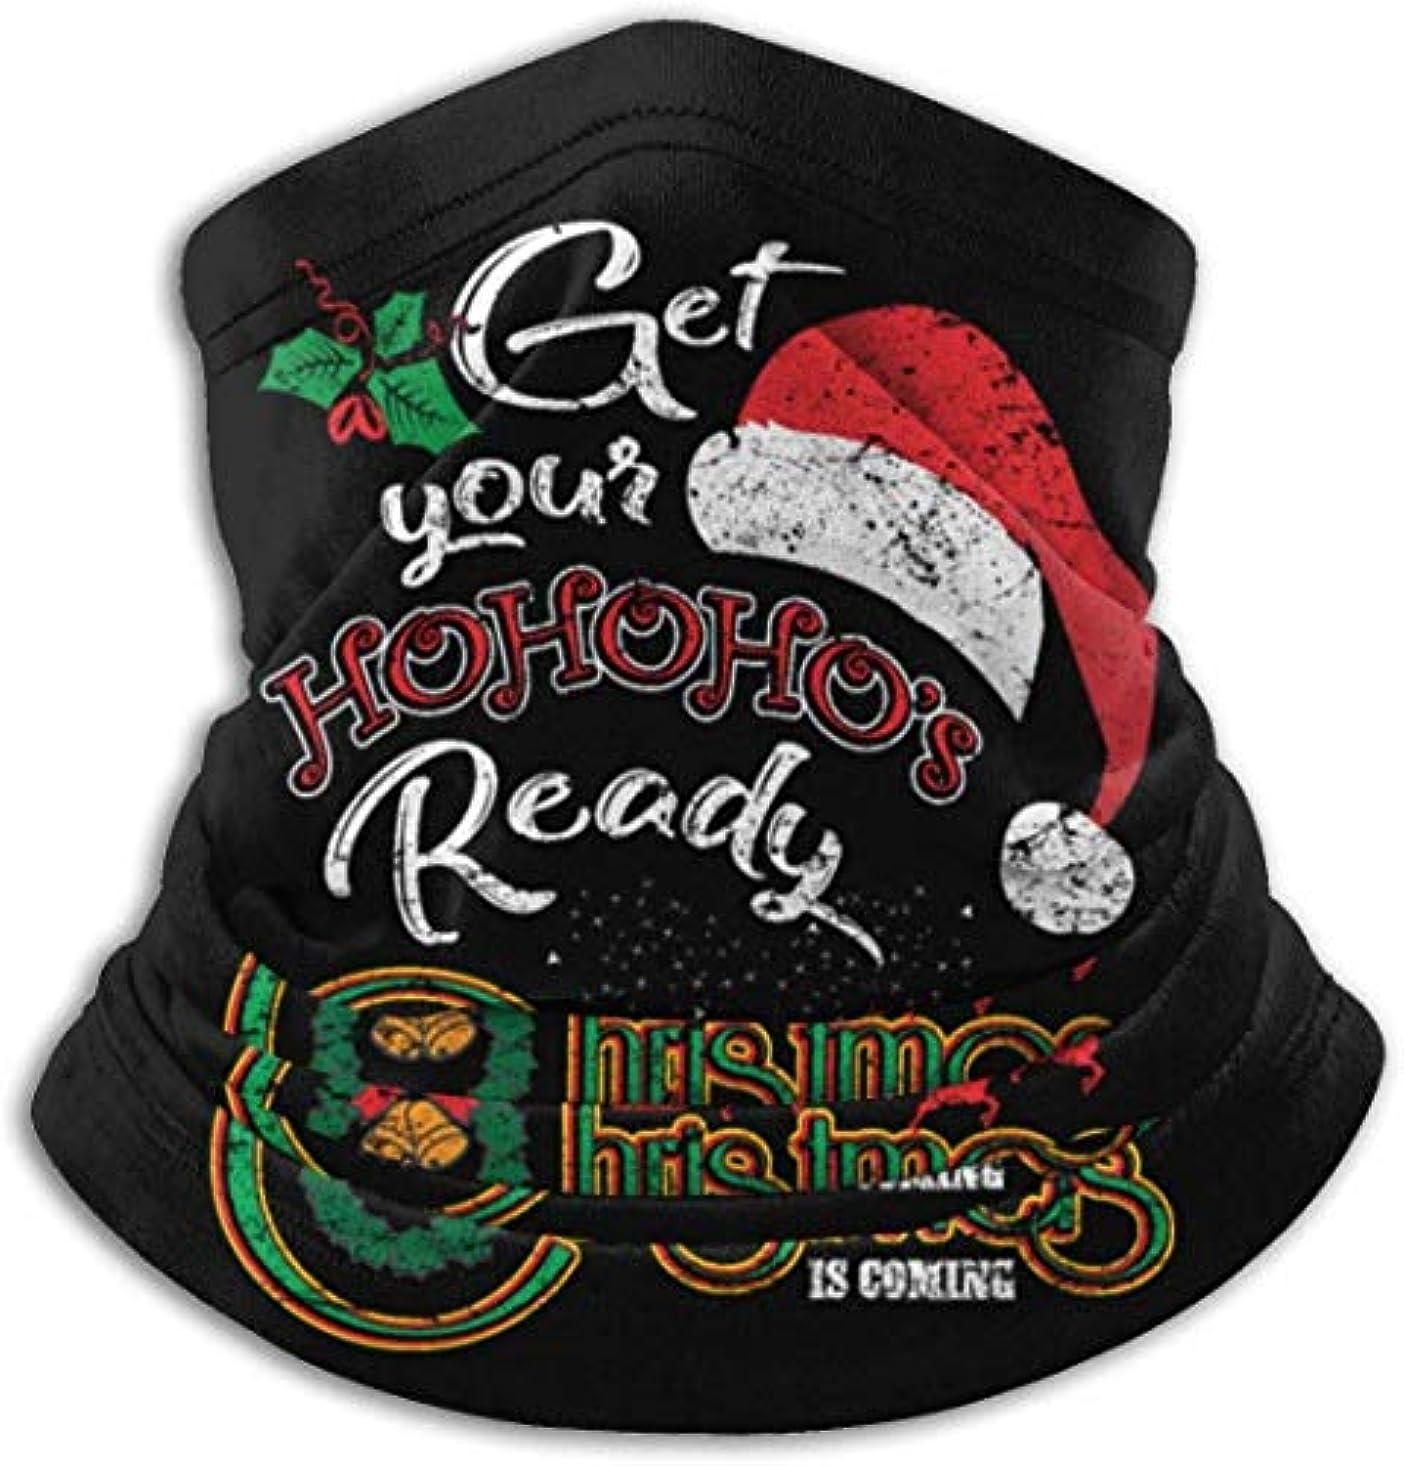 型すり減る微弱クリスマスホリデーシーズン ネック暖かいスカーフ サーマルネックスカーフ マイクロファイバーネックウォーマー ネックウォーマー マフラー 帽子 ヘッドバンド 秋冬 防寒 防風 キャップ 多機能 ネック ゲーター 男女兼用